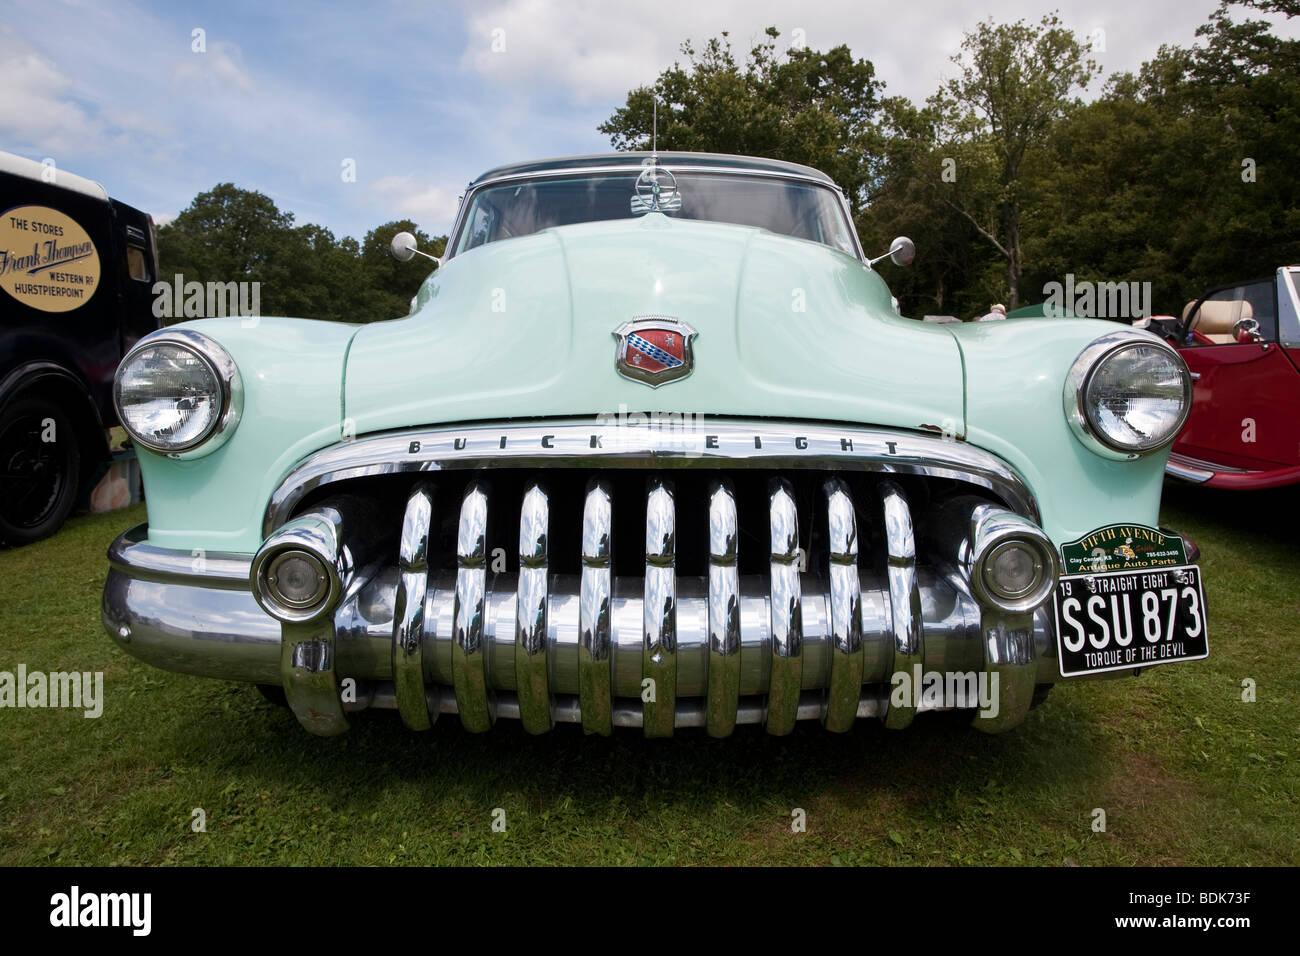 Buick Classic Car Stock Photos Amp Buick Classic Car Stock